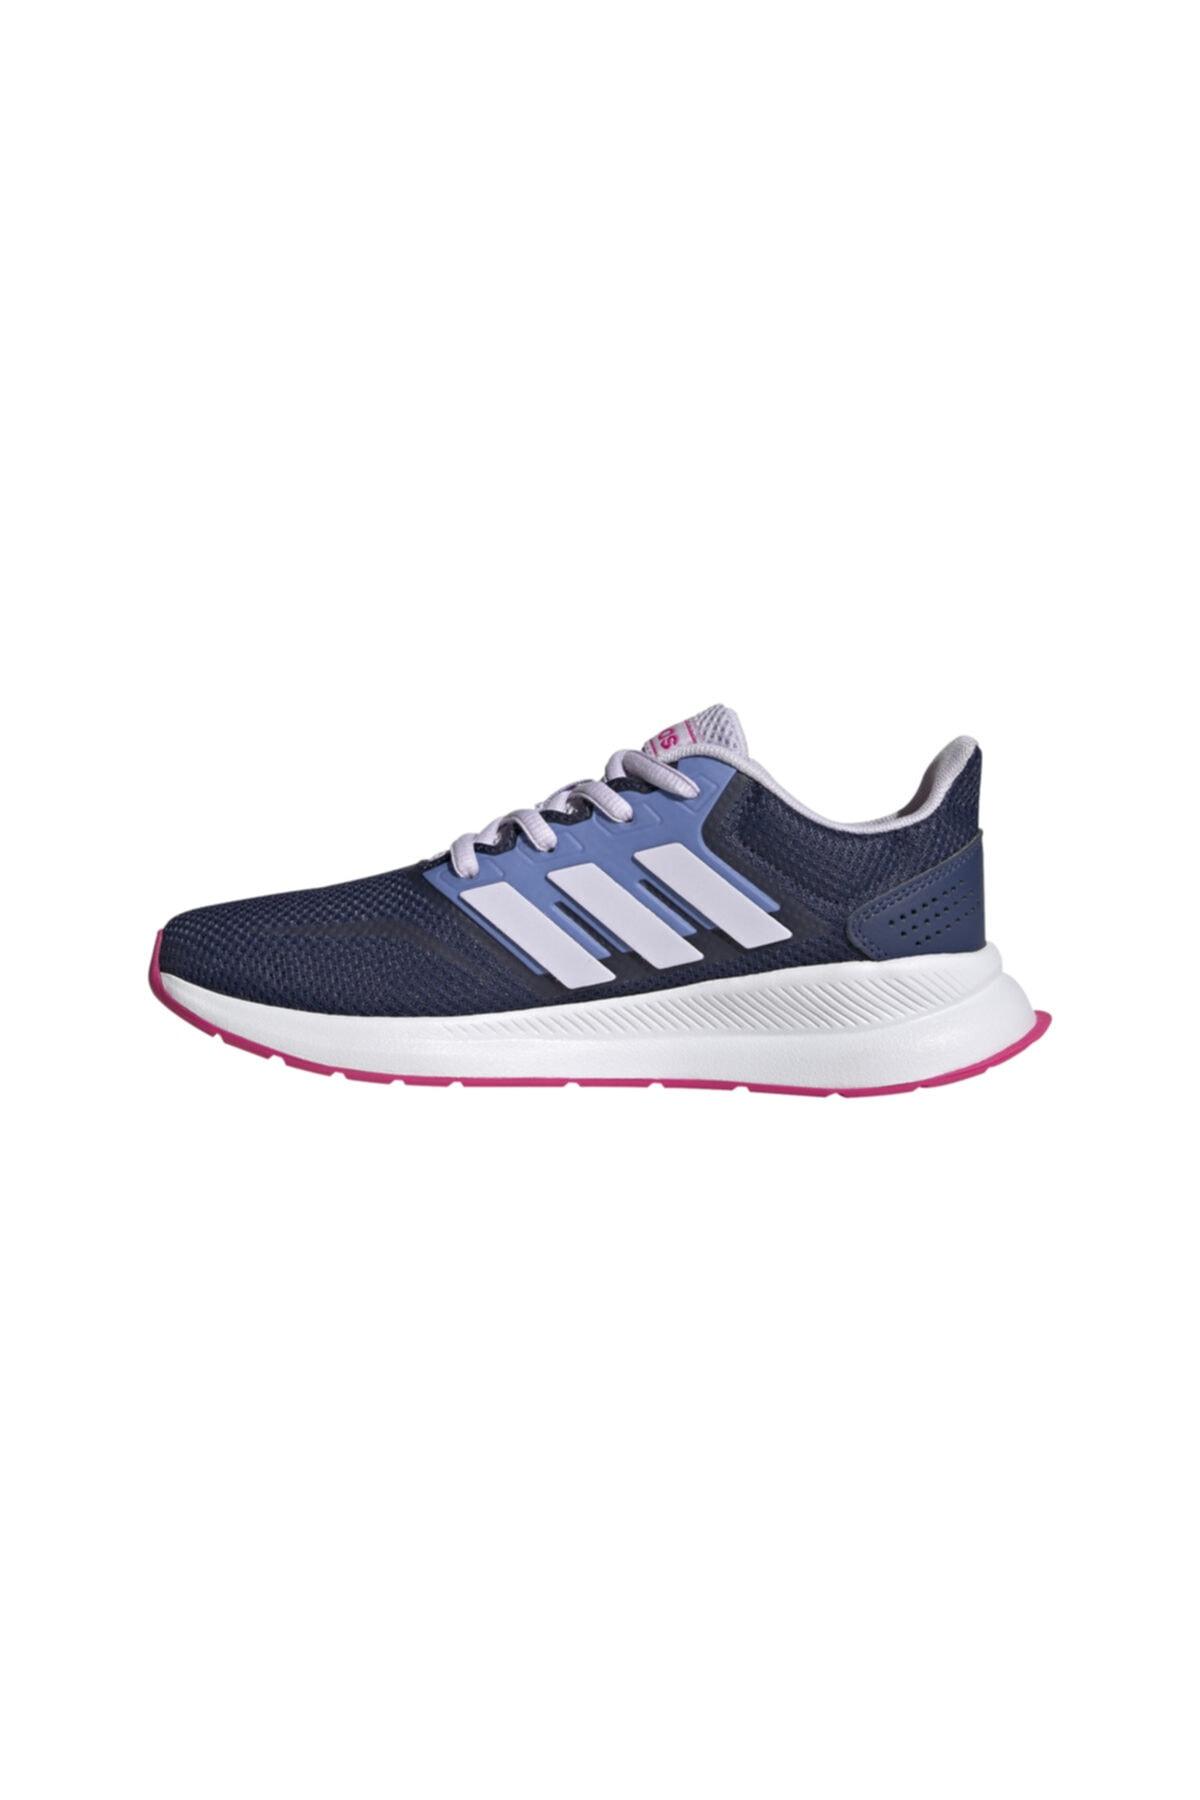 adidas Unisex Çocuk Mavi Runfalcon Gs Koşu Antrenman Ayakkabısı 2